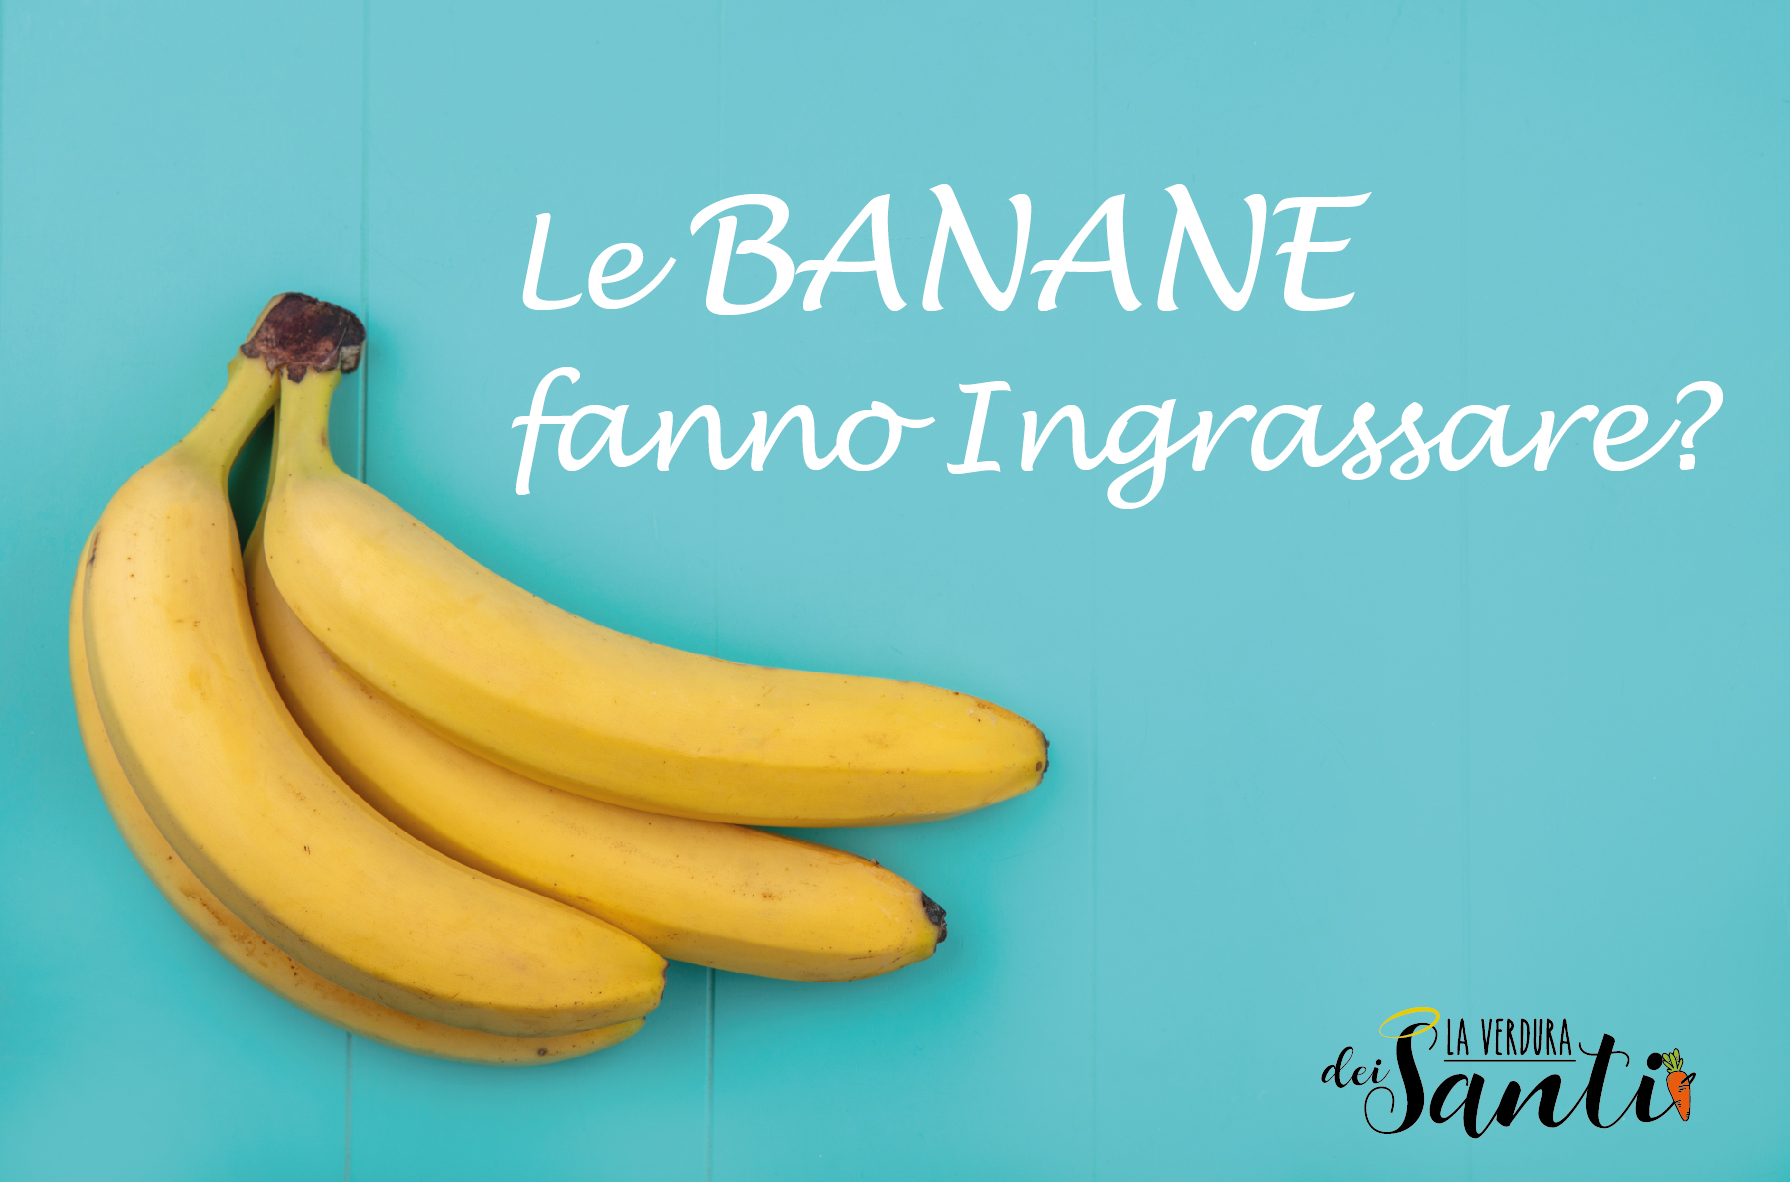 Le Banane fanno ingrassare?